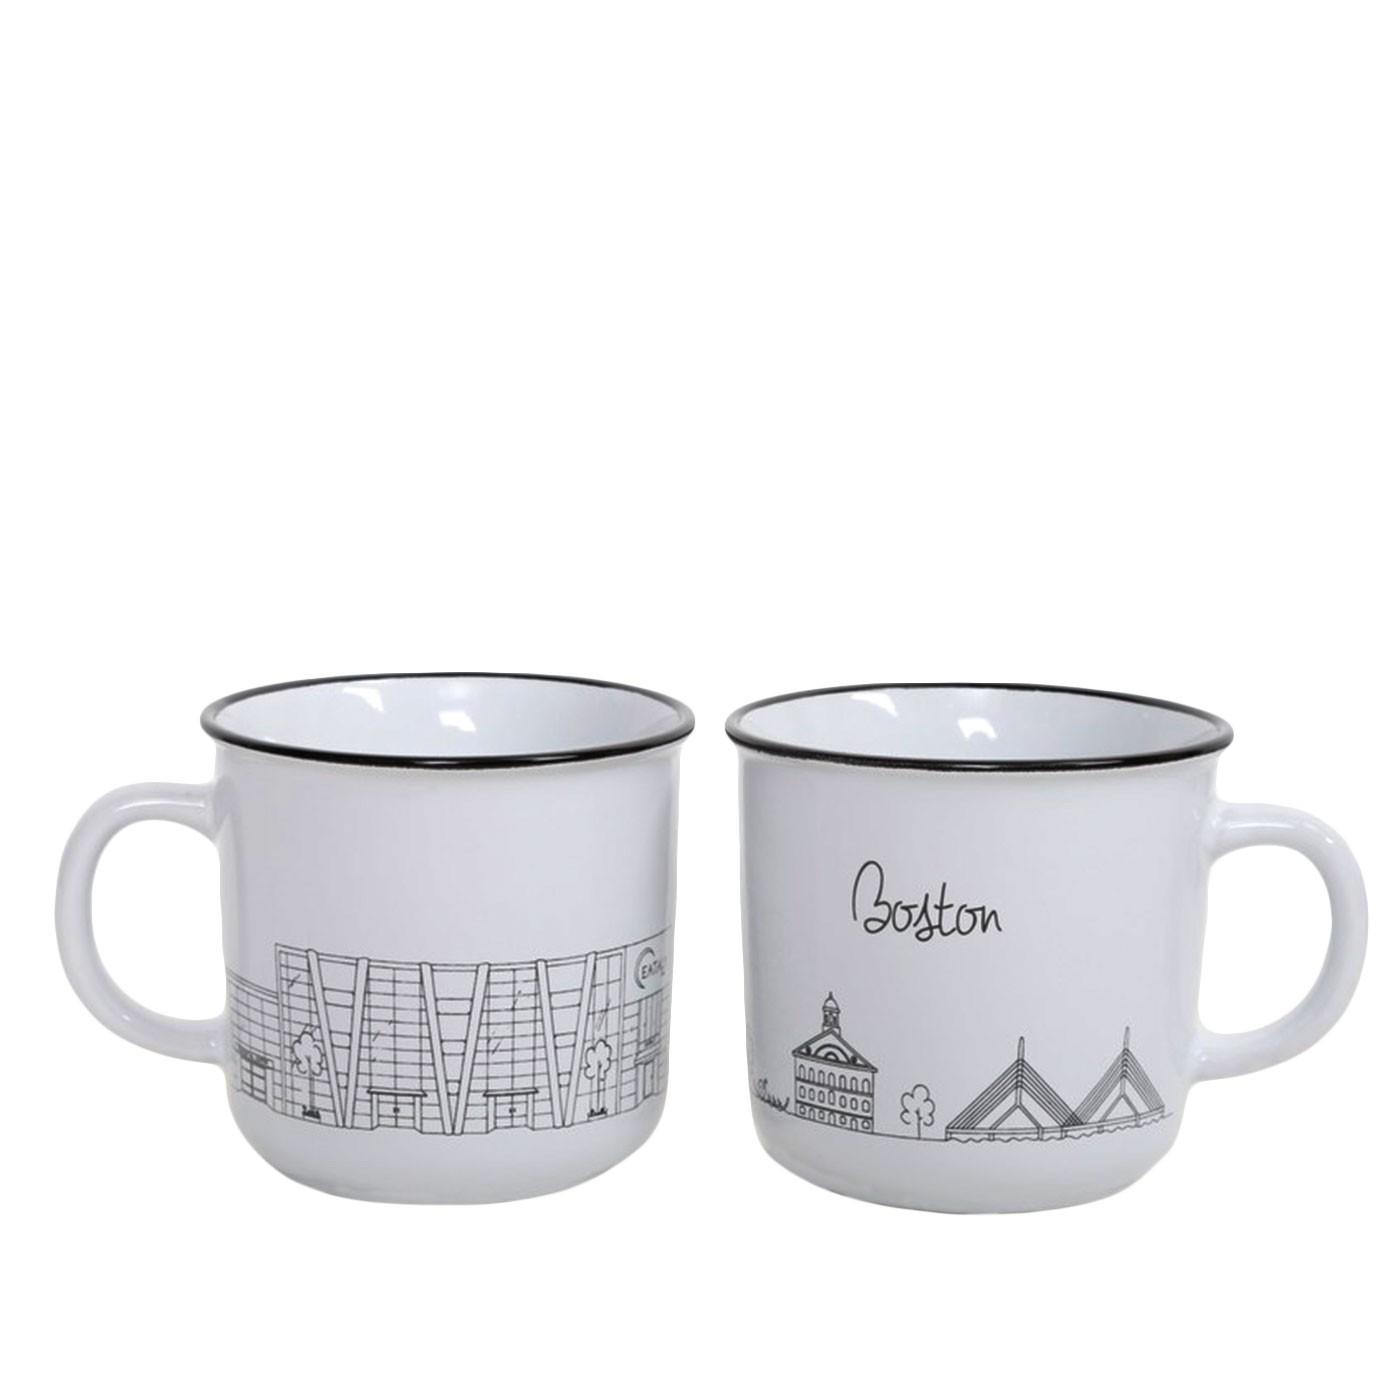 Eataly Boston Mug